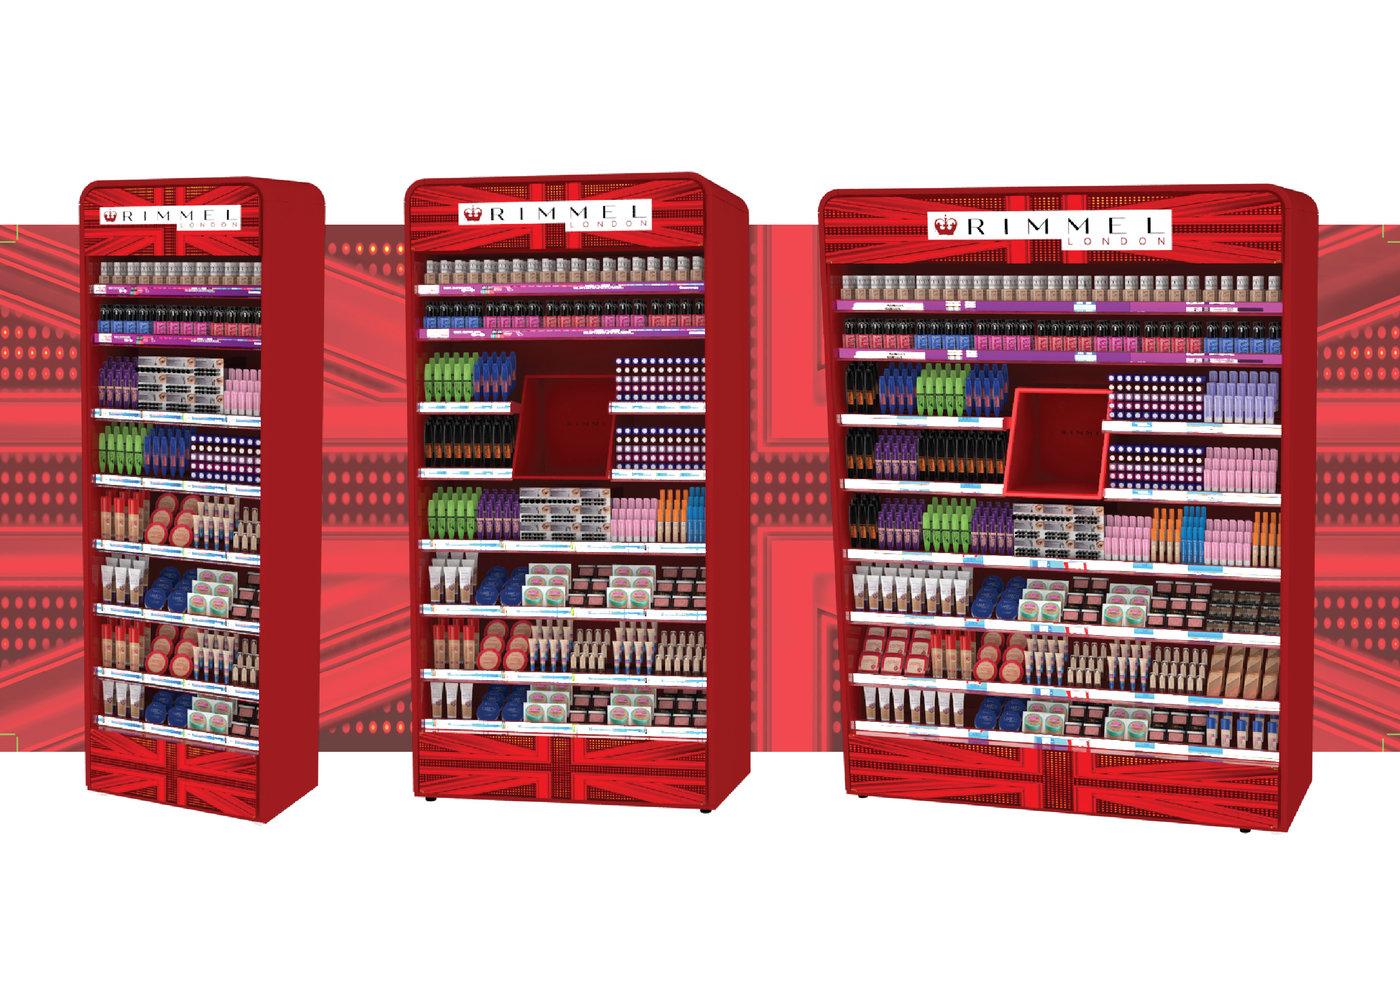 Mobiliario Publicitario Permanente By Evelyn Moran At Coroflot Com # Muebles Kinesiologia